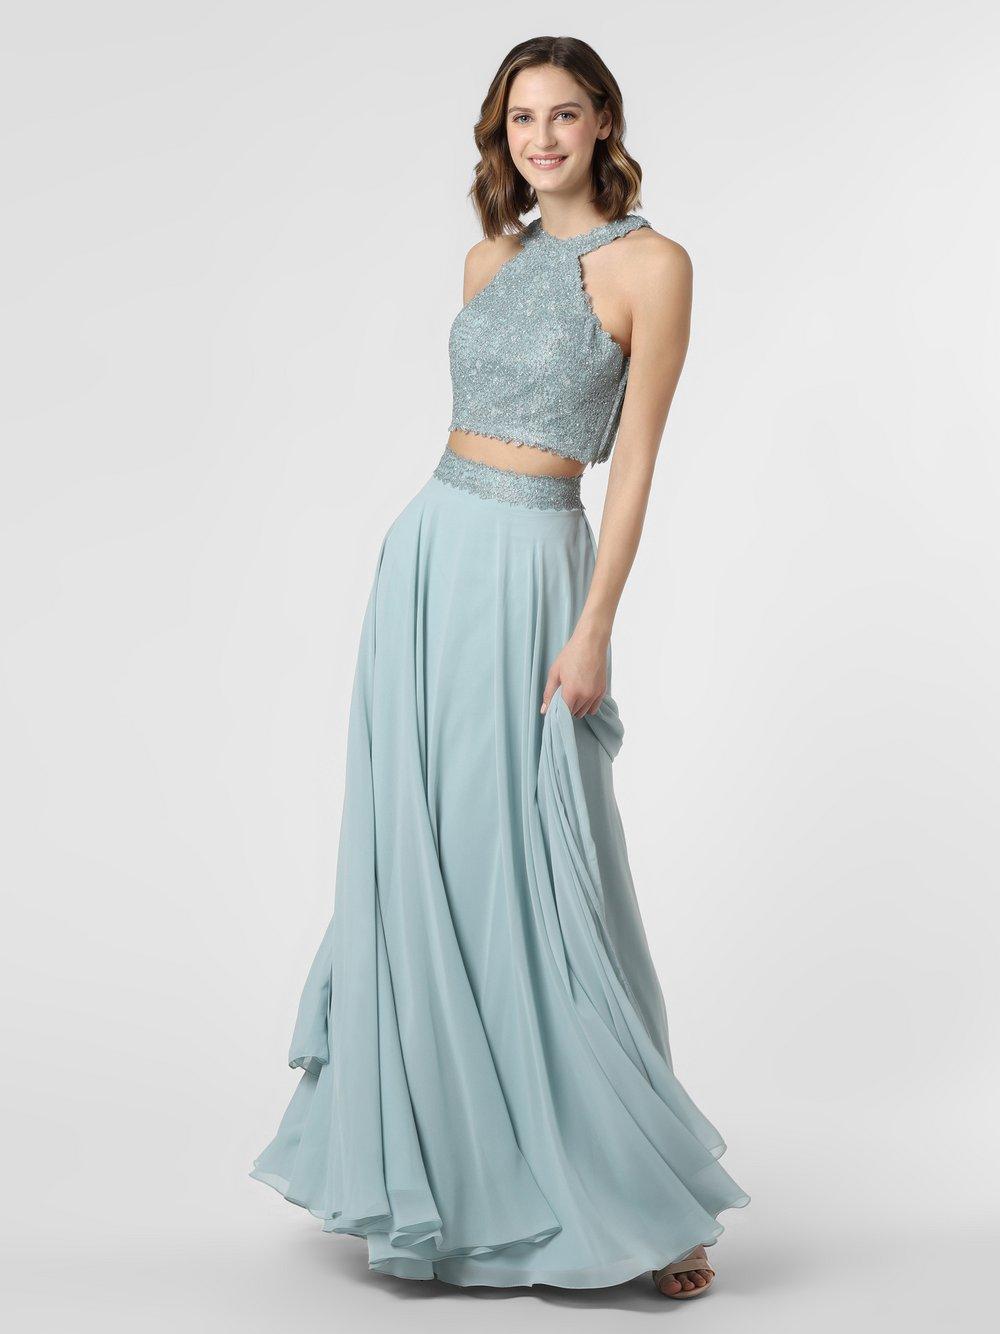 Luxuar Fashion - Damska sukienka wieczorowa z etolą, zielony